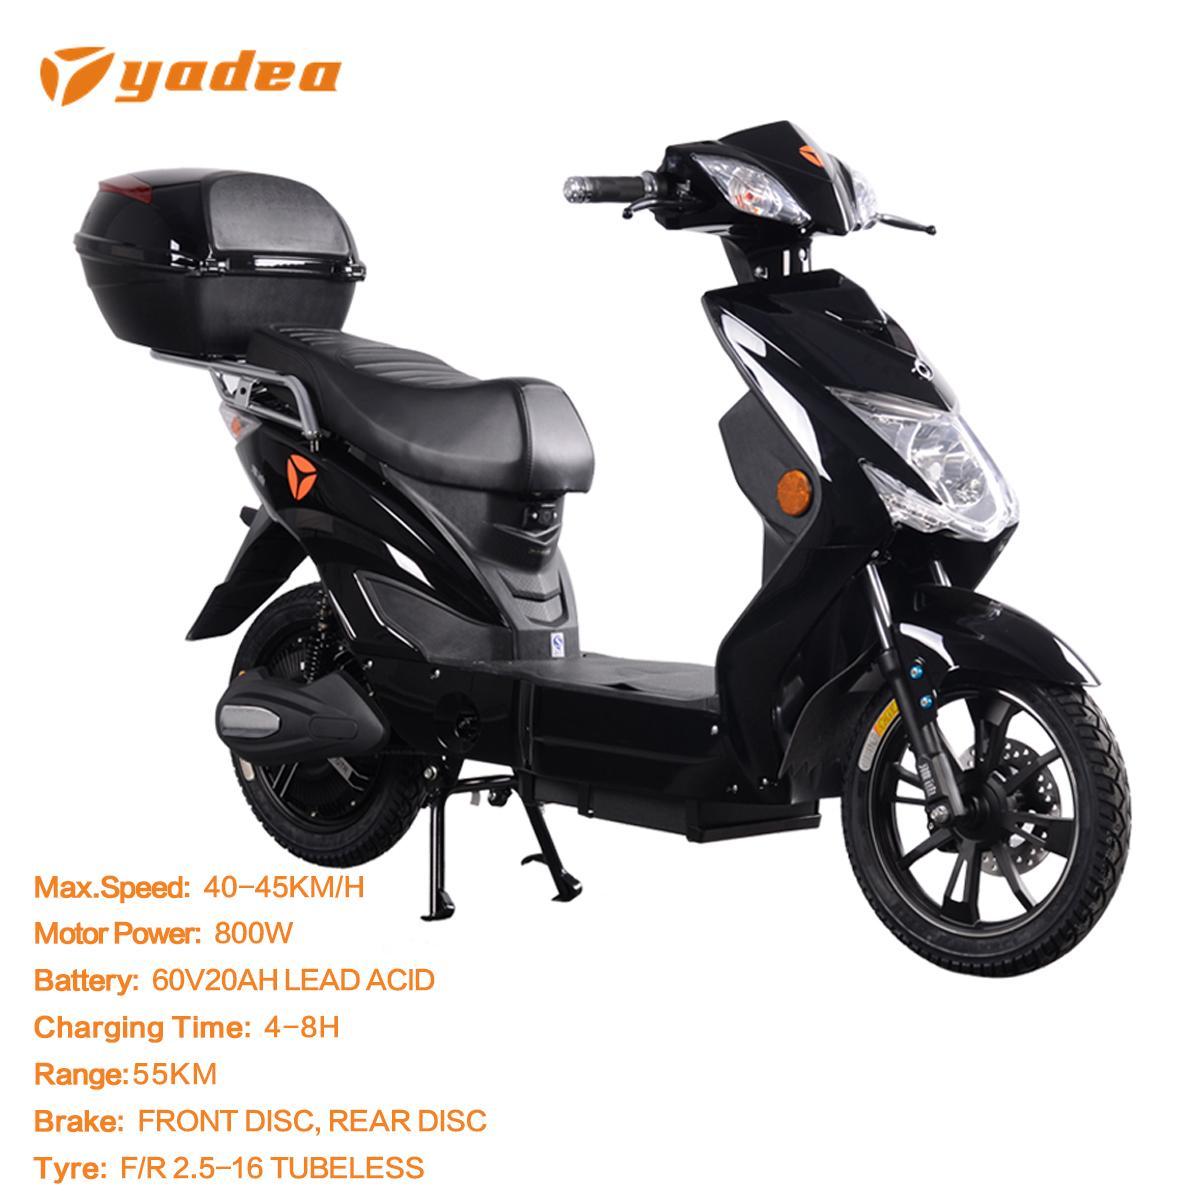 799c04984ef Yadea Y23 800W Electric Bike at eBike City | Lazada PH